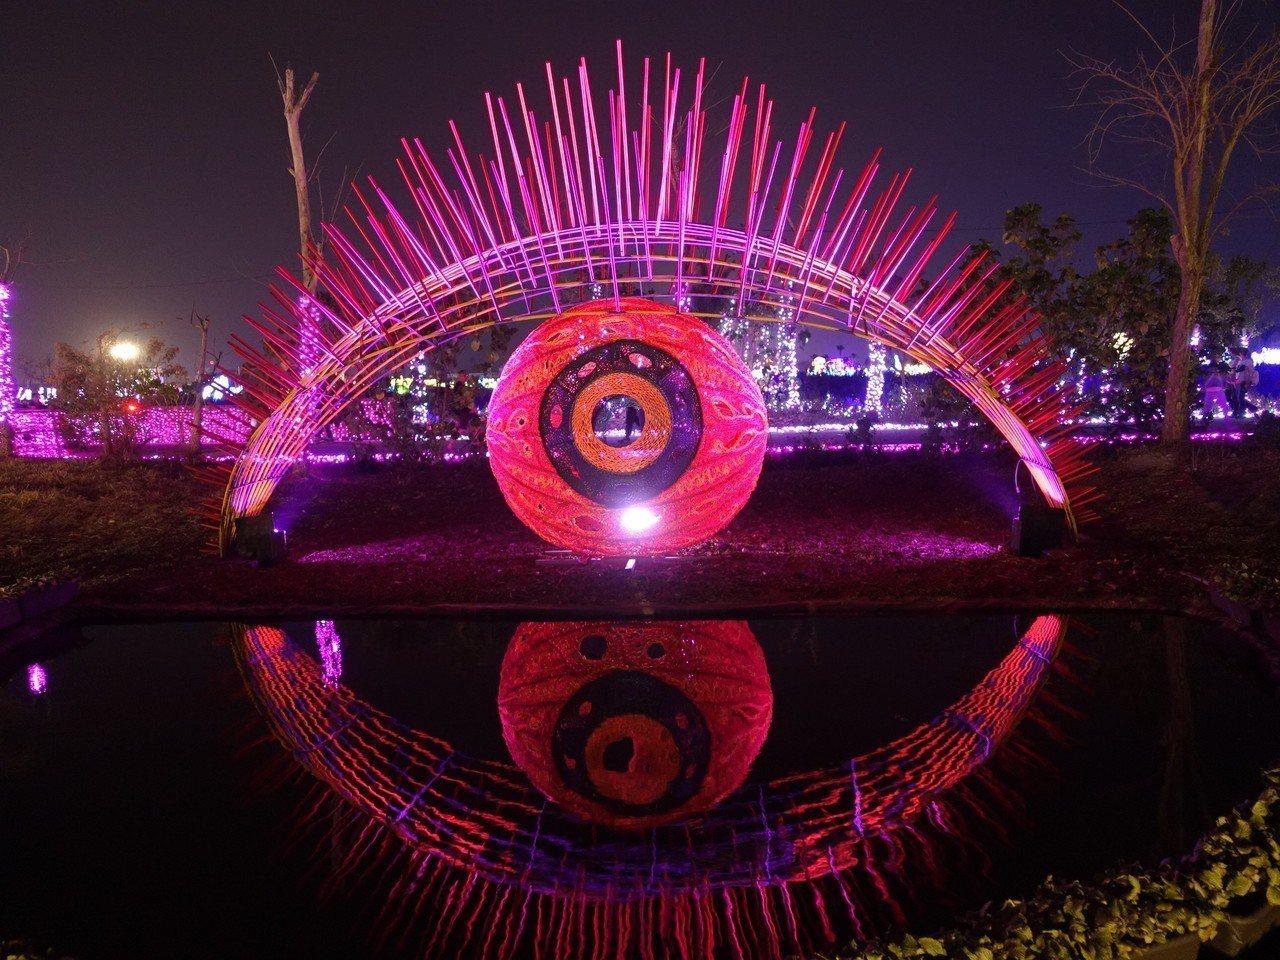 正在屏東大鵬灣舉行的台灣燈會,佳評如潮,圖為南島原鄉燈區。記者翁禎霞/攝影